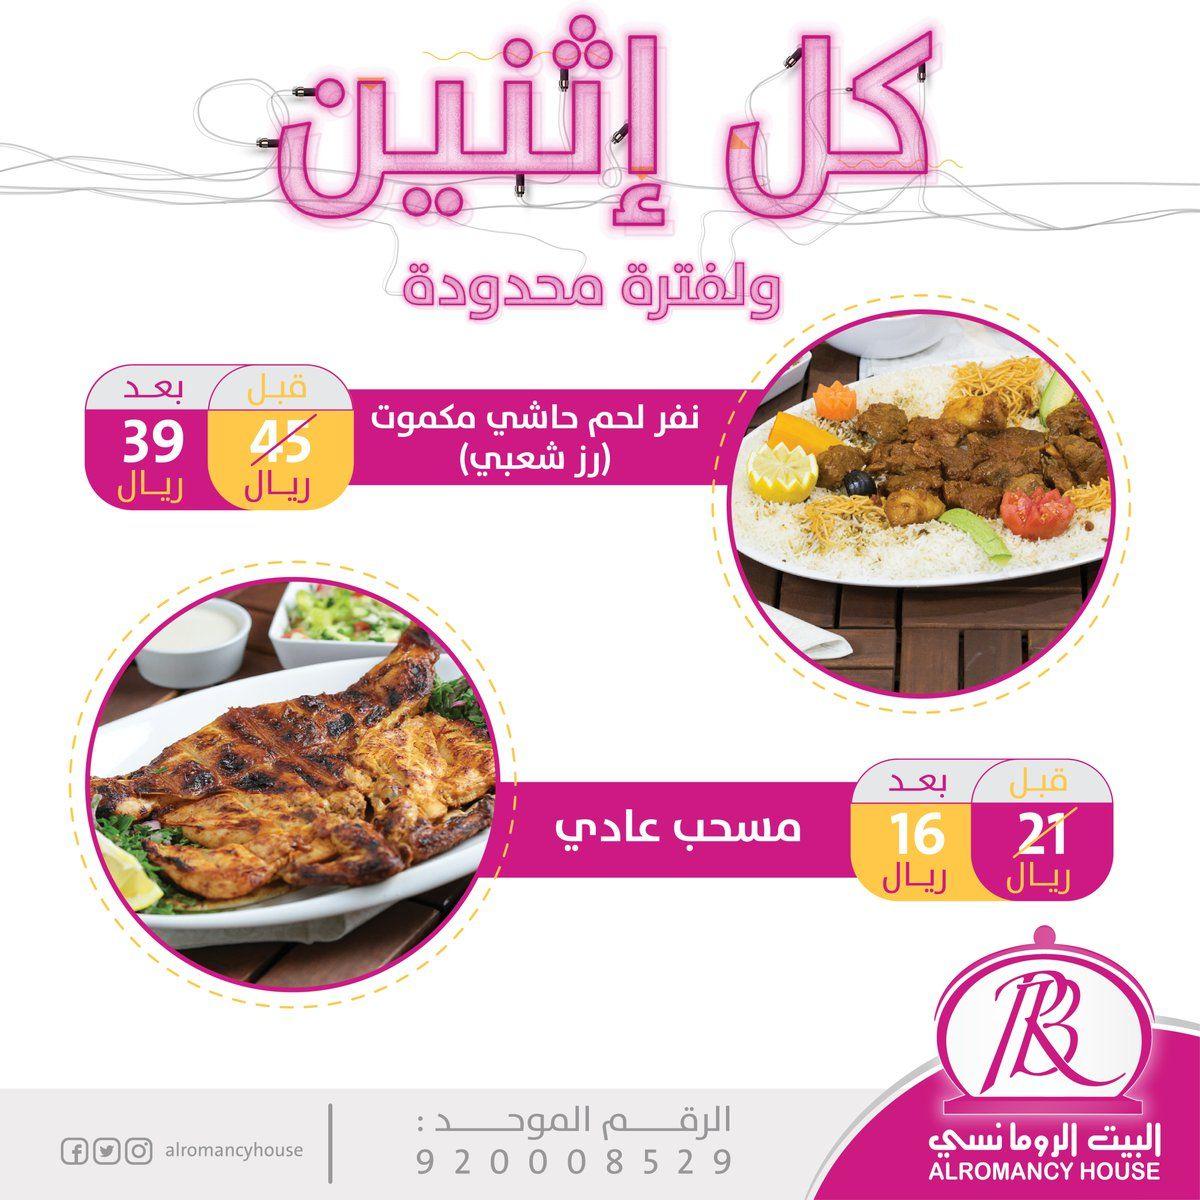 عروض مطاعم البيت الرومانسي السعودية كل إثنين 26 فبراير 2018 عروض اليوم